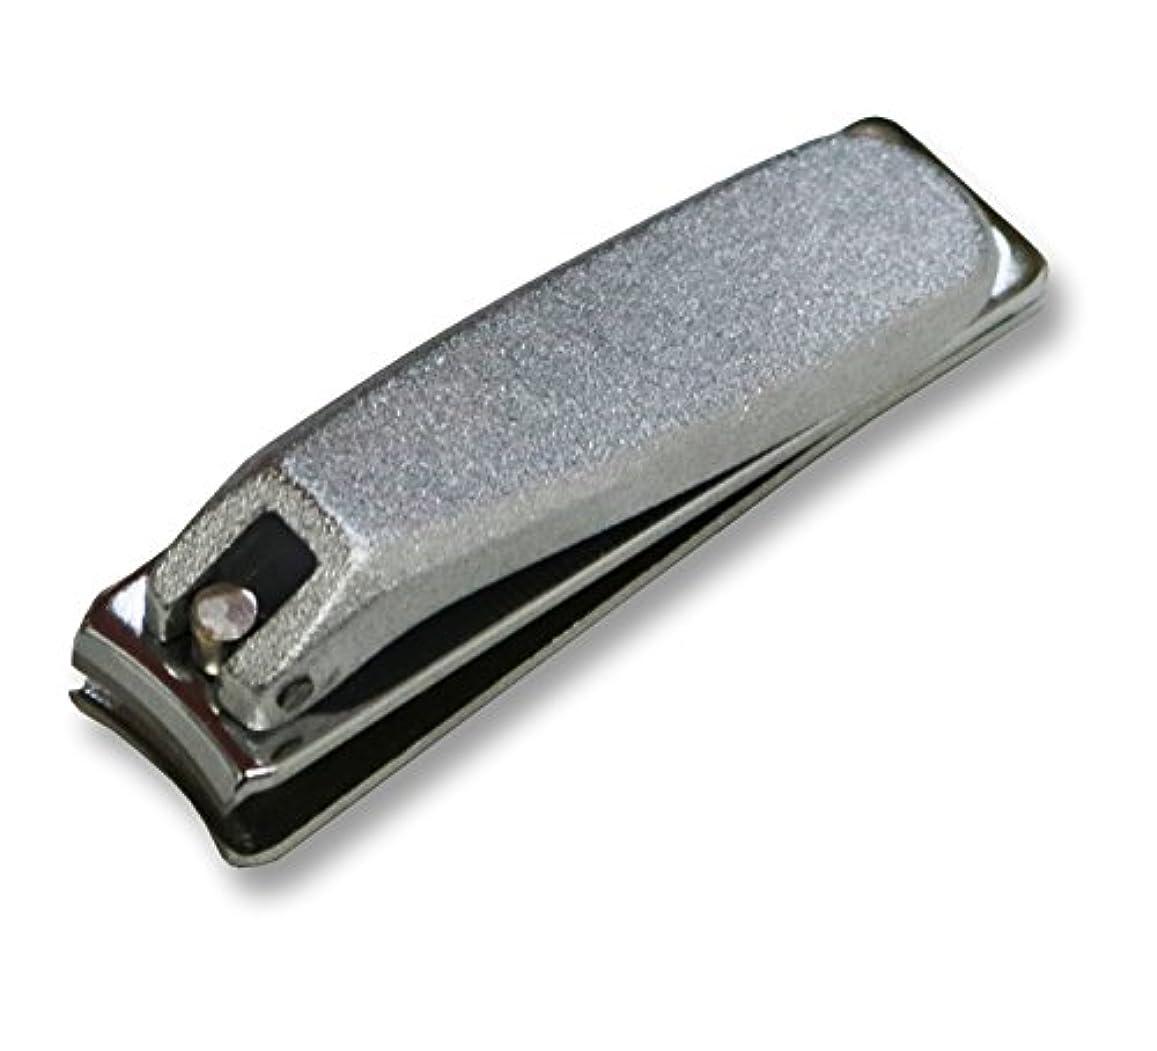 粒聖域クラスKD-023 関の刃物 クローム爪切 小 カバー無